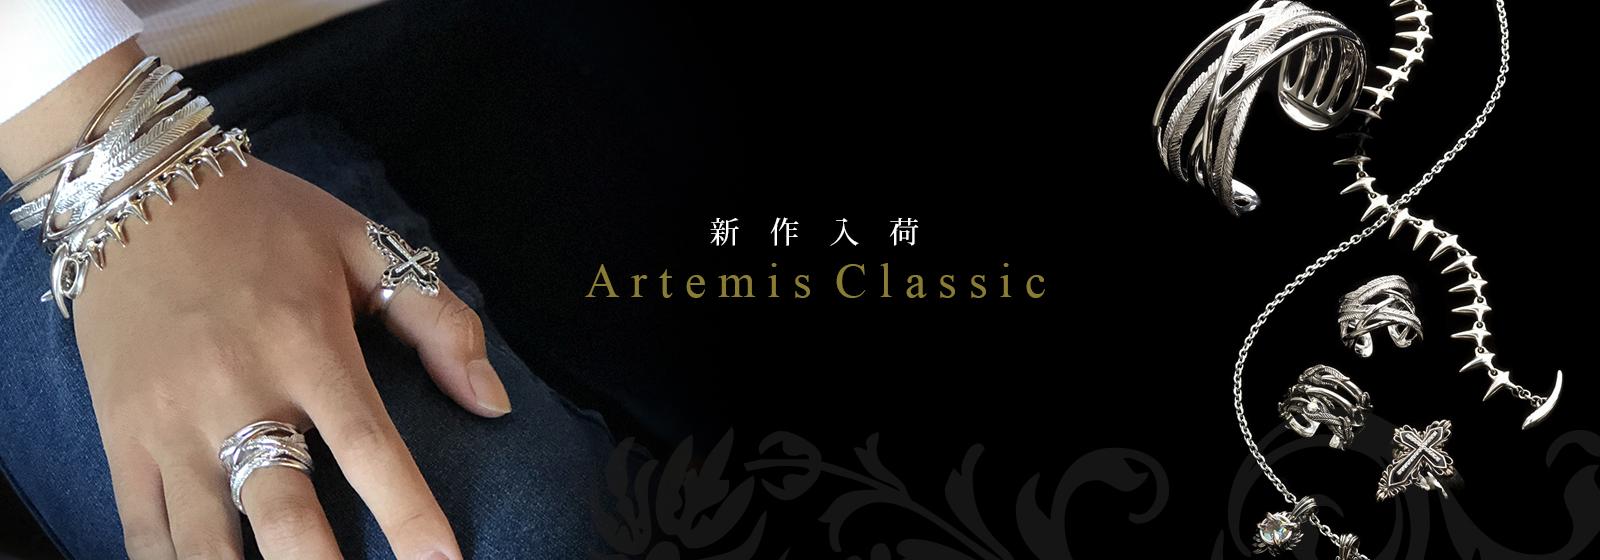 Artemis Classic